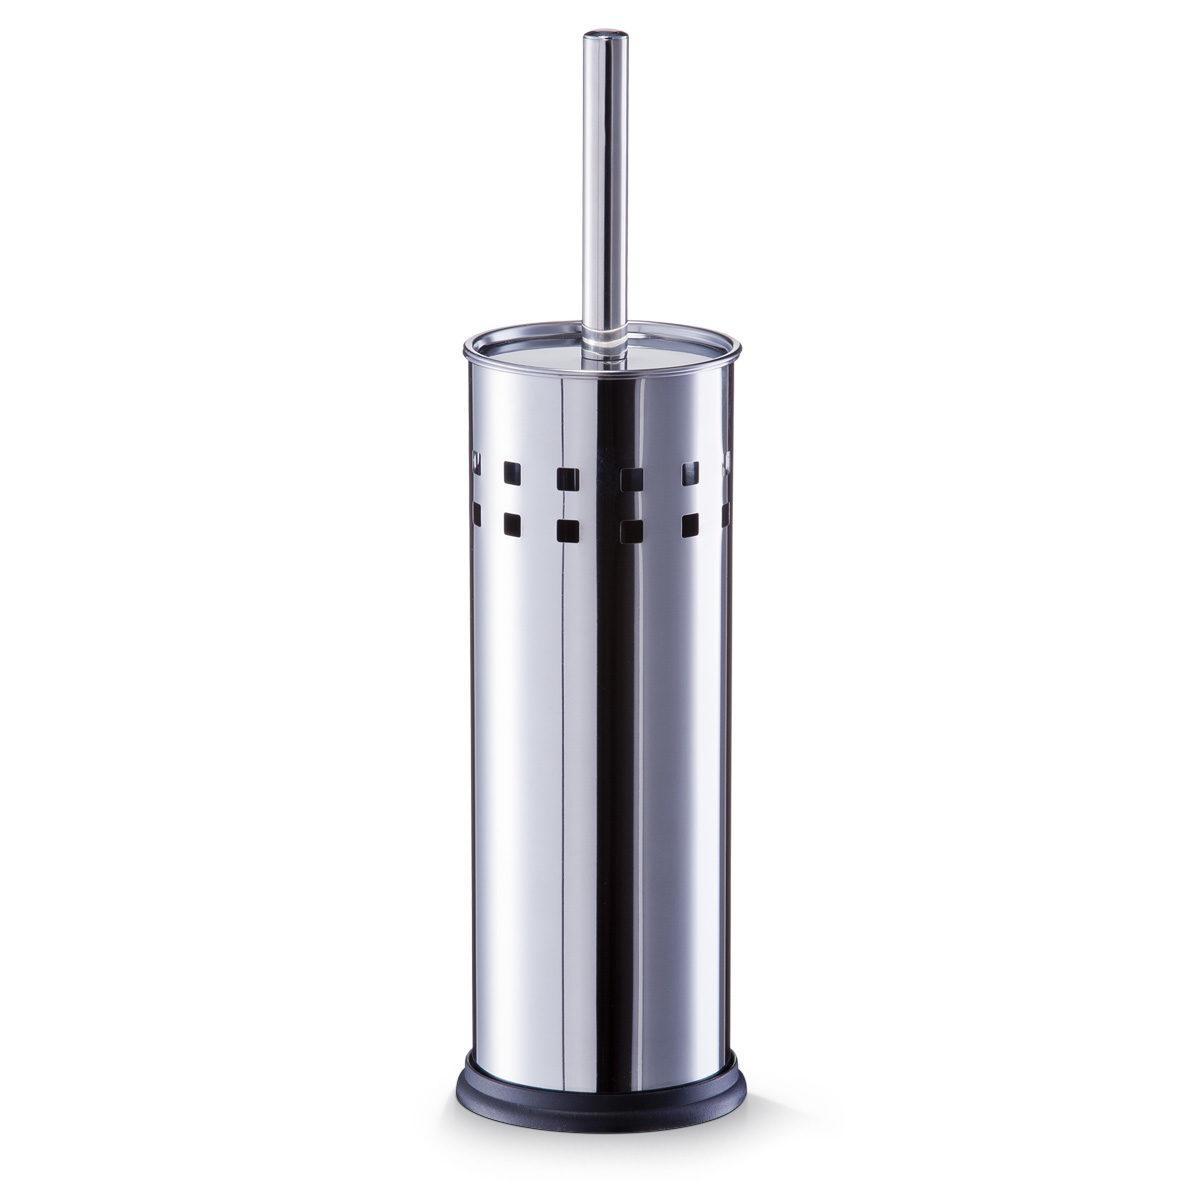 Badezimmer Accessoires Günstig | Jtleigh.com - Hausgestaltung Ideen